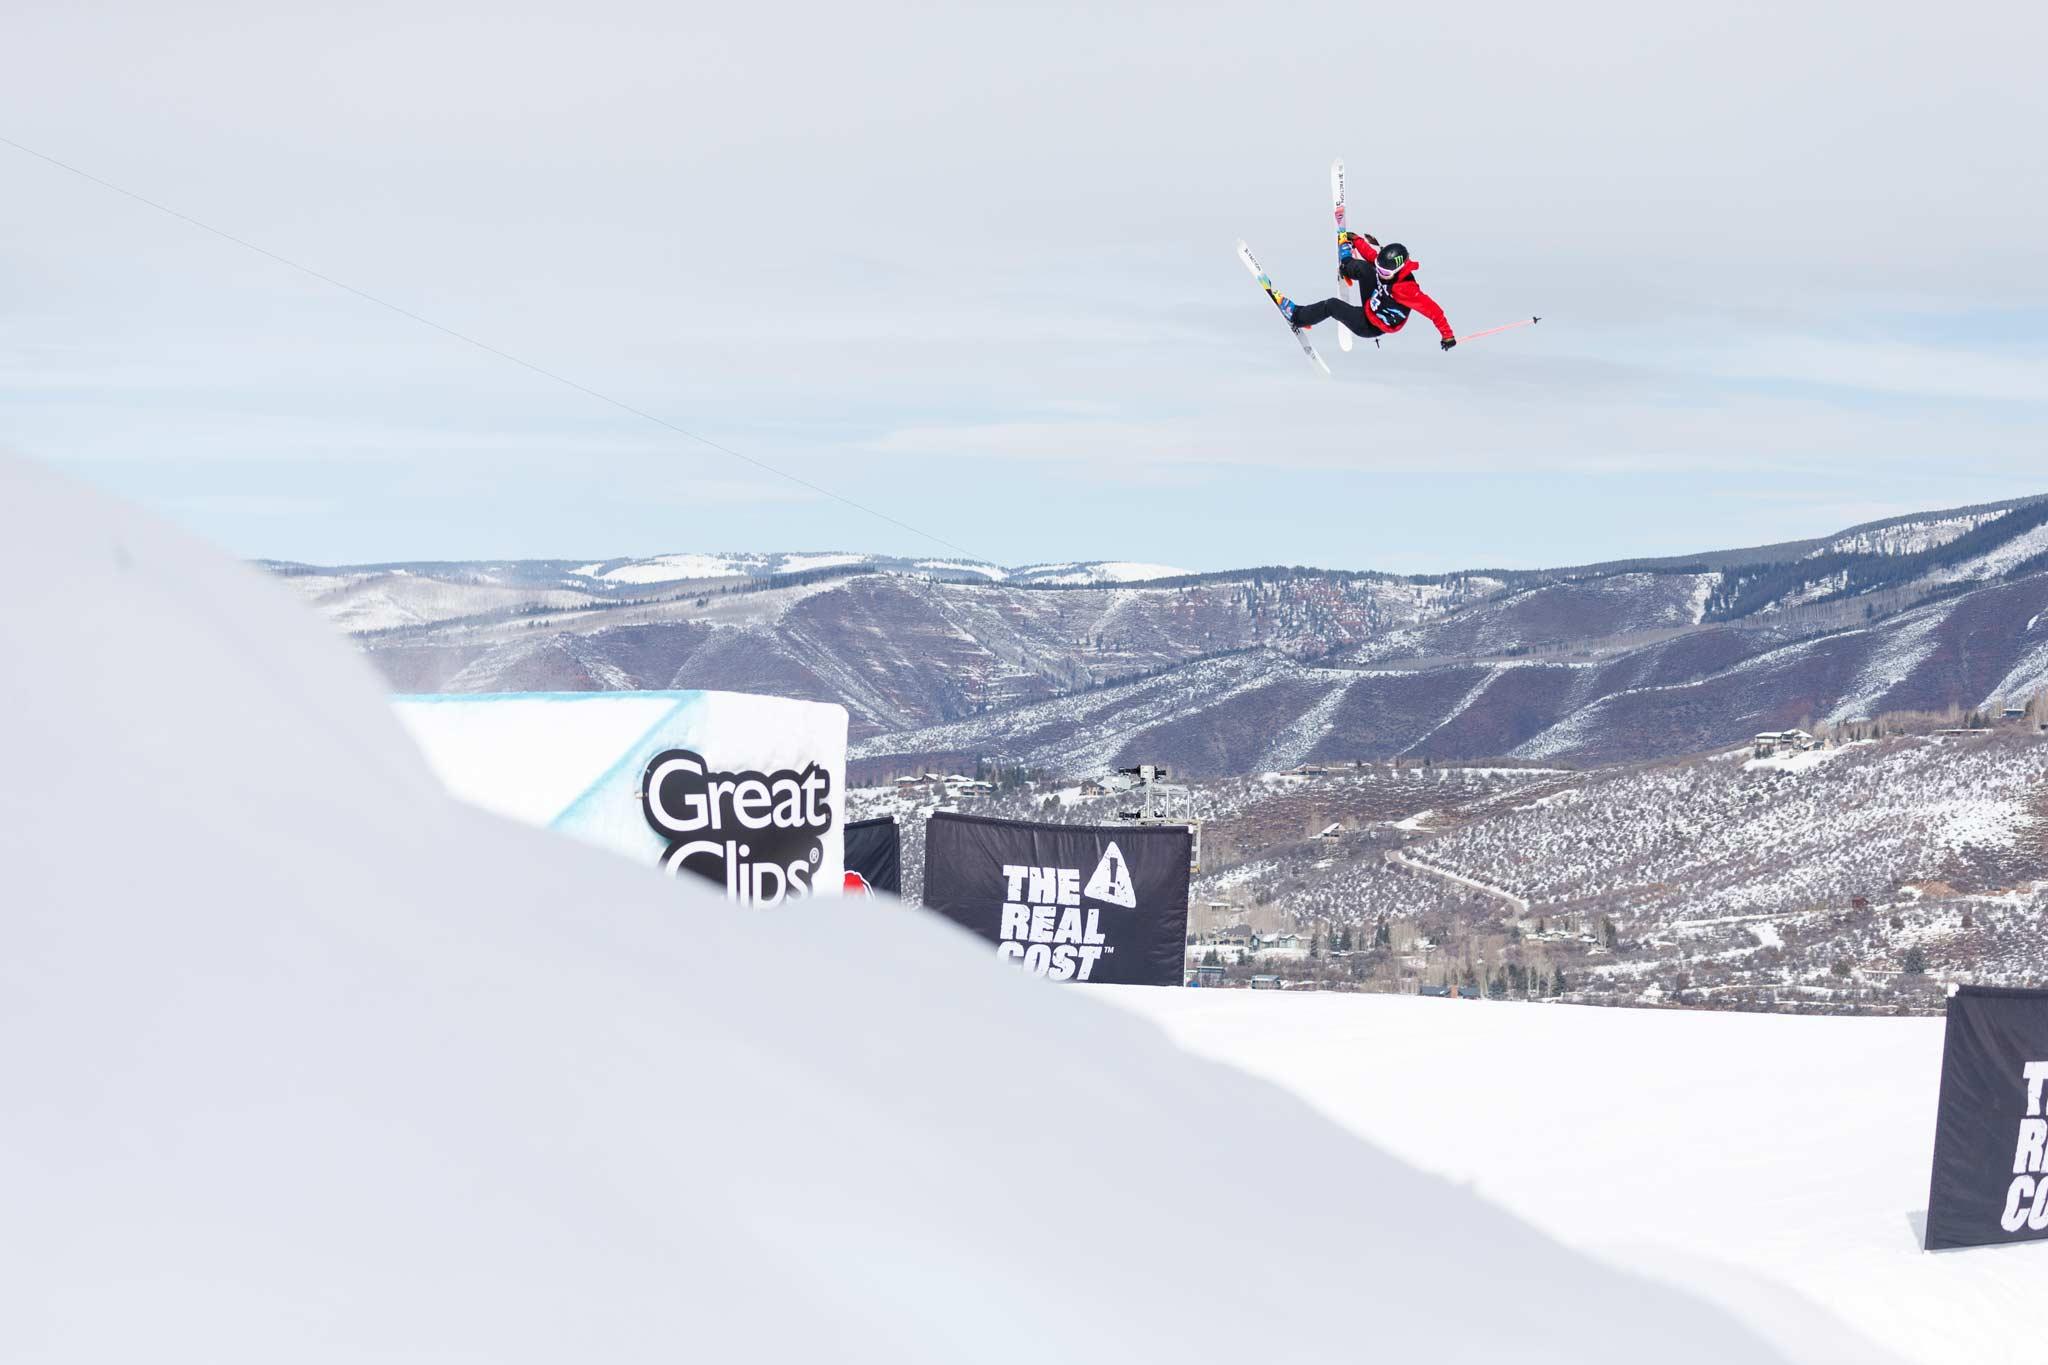 Sarah Hoefflin aus der Schweiz ist auch bei den Winter X Games 2021 wieder mit am Start. - Foto: Trevor Brown, Jr. / ESPN Images